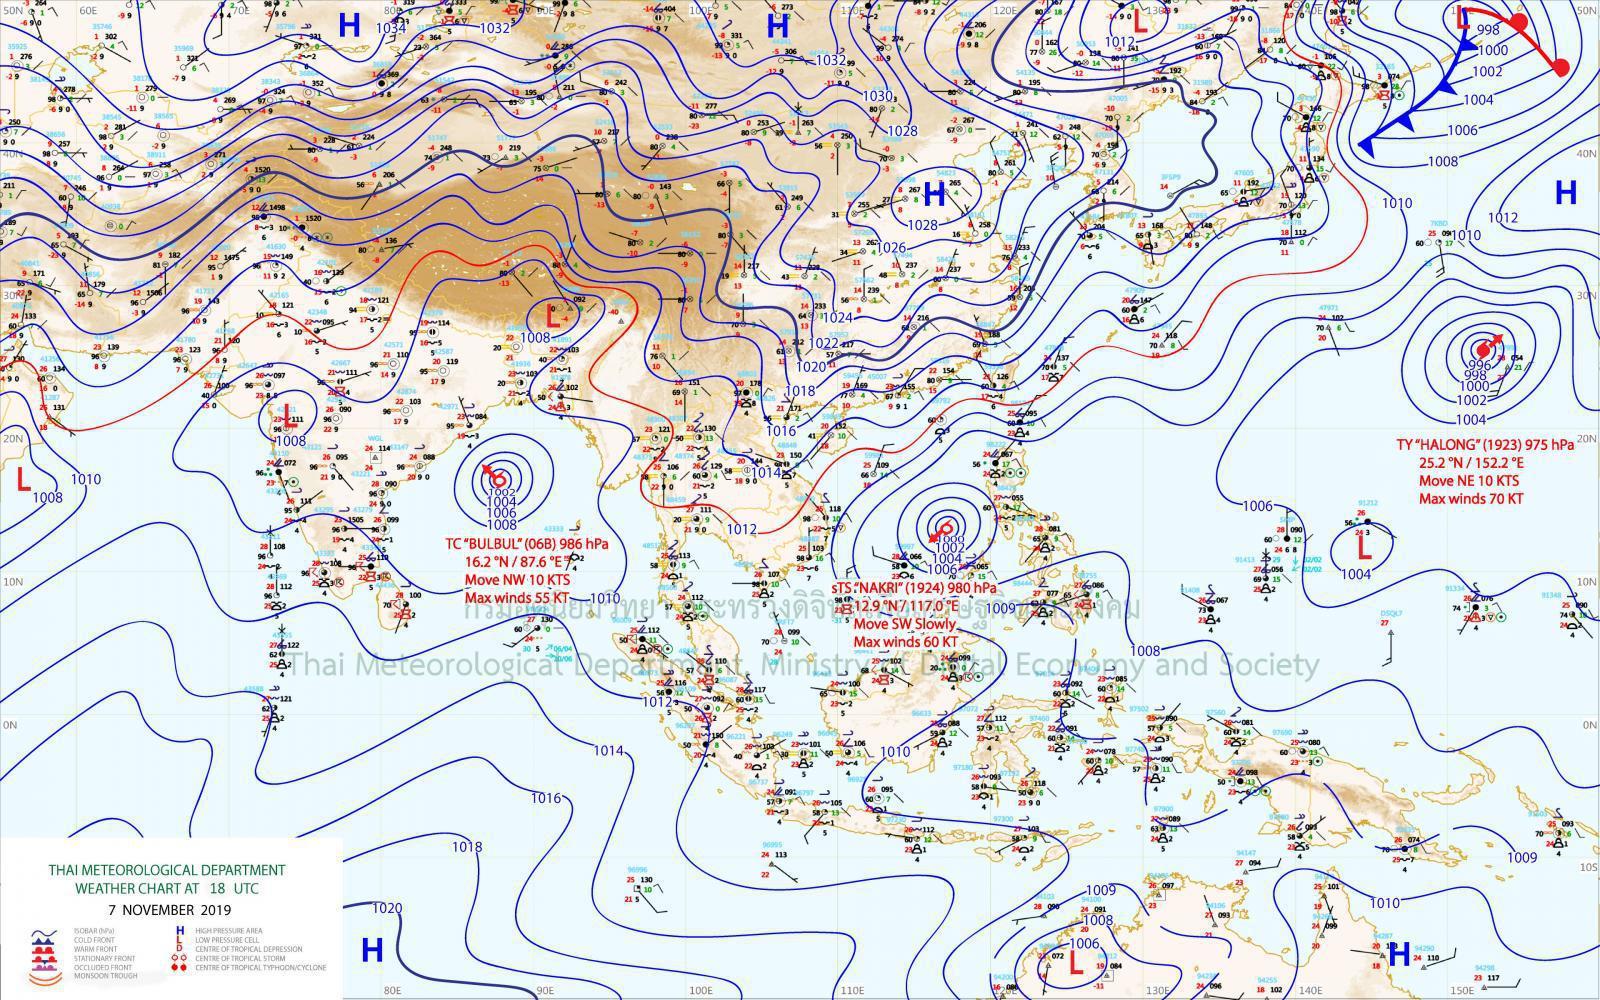 กทม.อุณหภูมิลดลง 1-2 องศา เหนือ,อีสานอากาศเย็น -ใต้ฝนตกหนัก